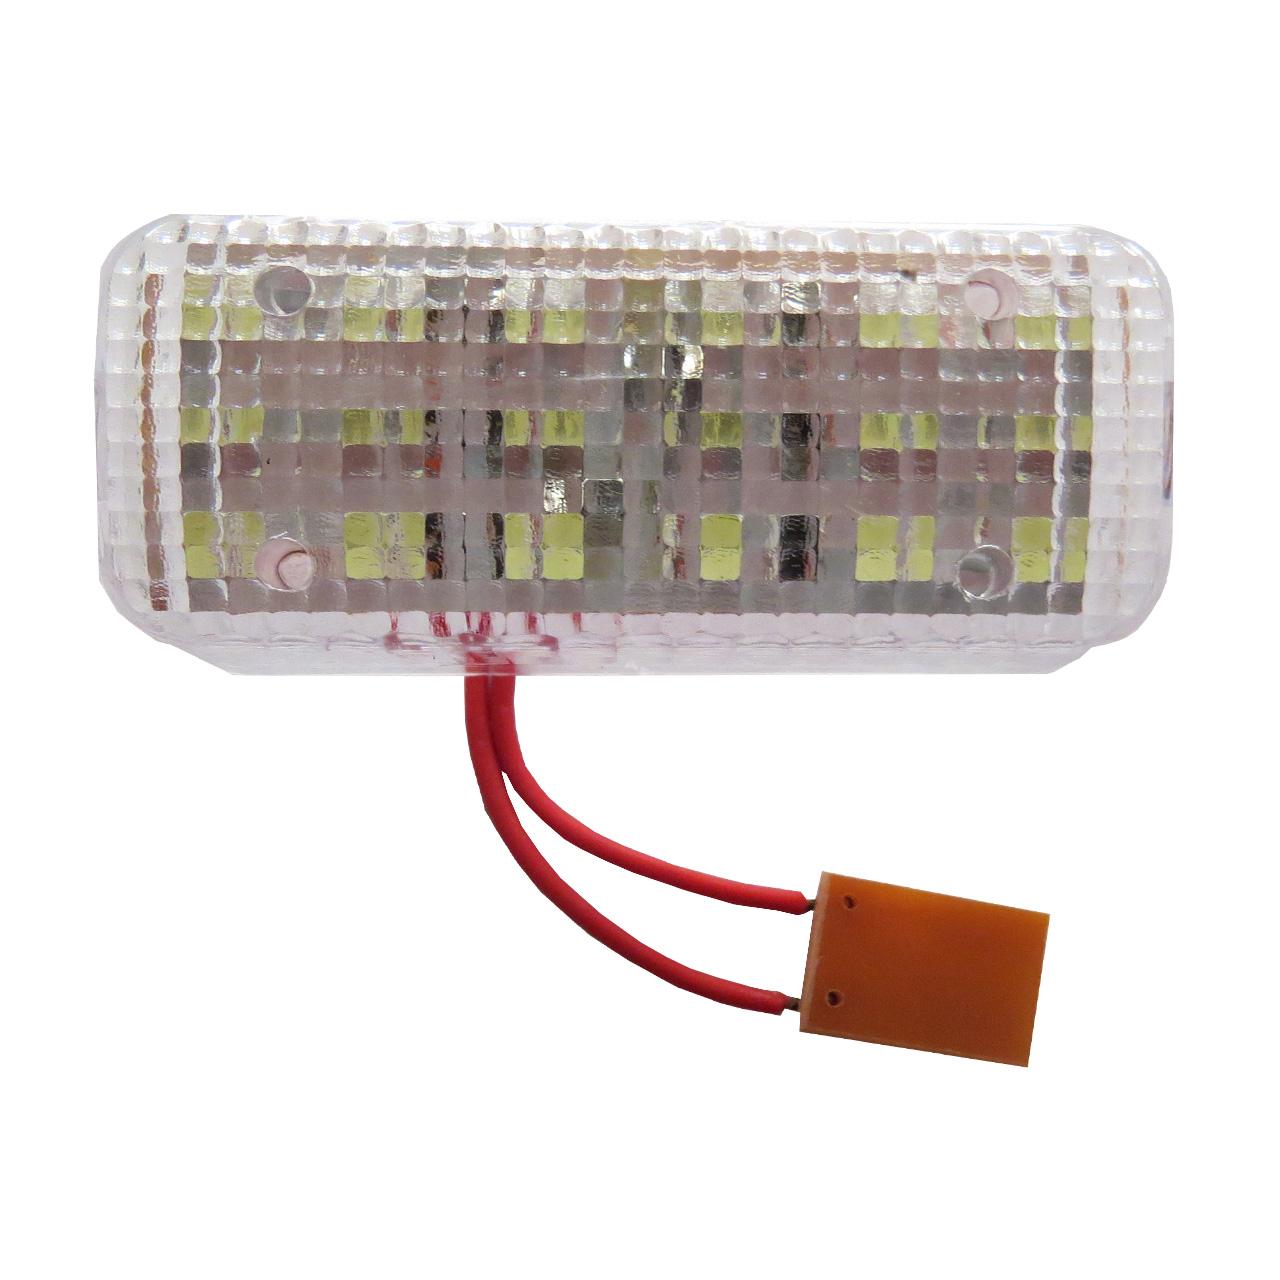 چراغ صندوق عقب خودرو کد 1212 مناسب برای پراید